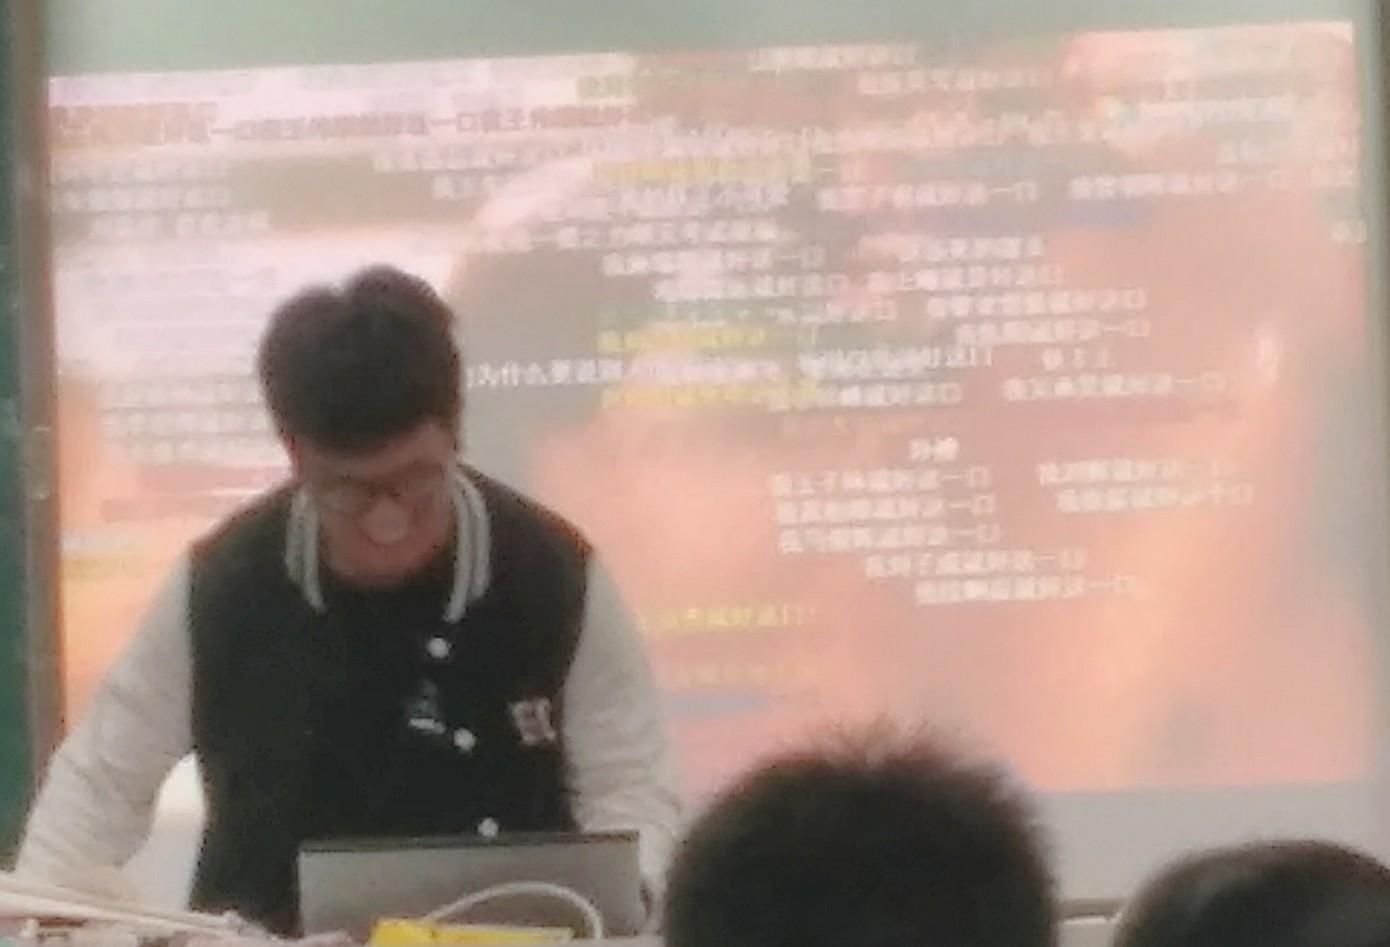 _20181101_214019.JPG